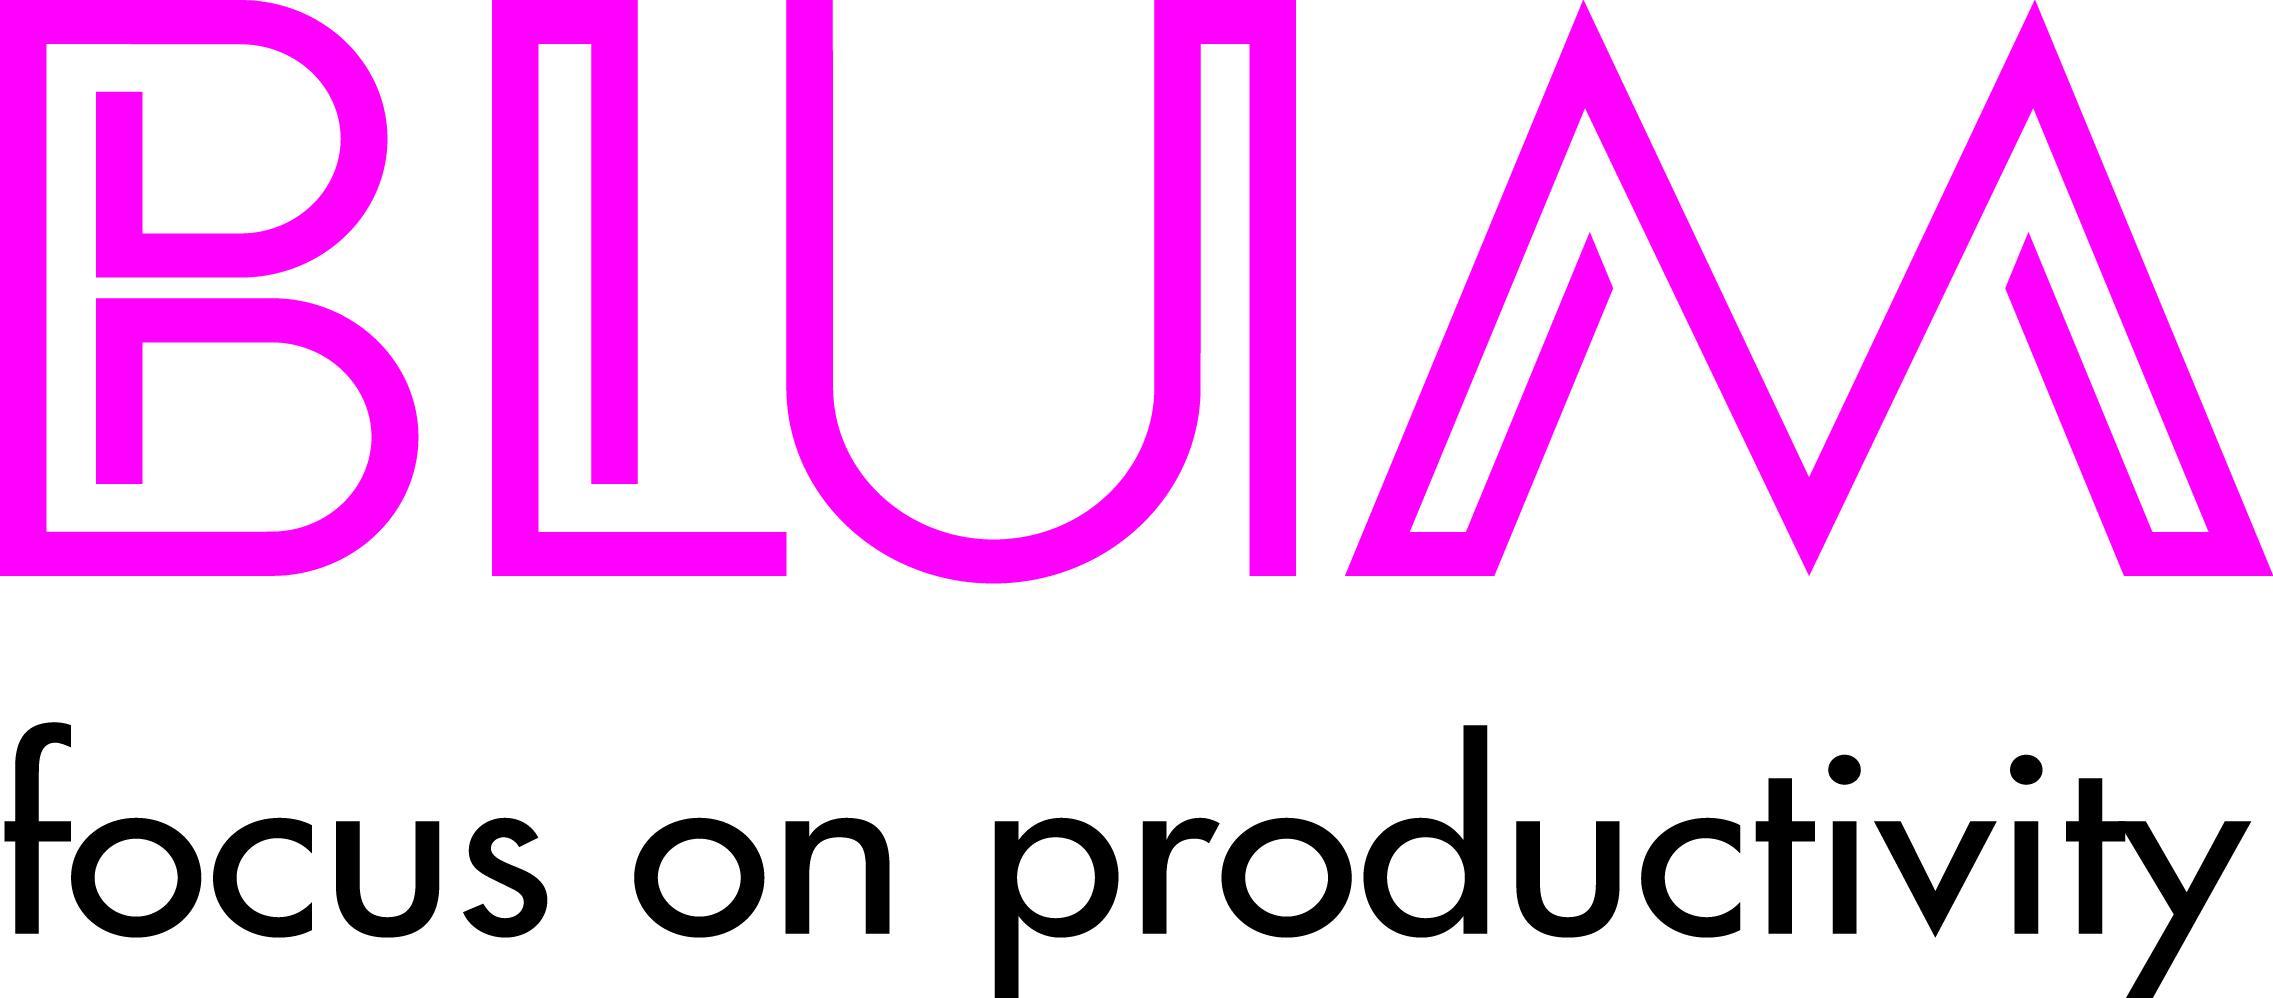 Blum Subline